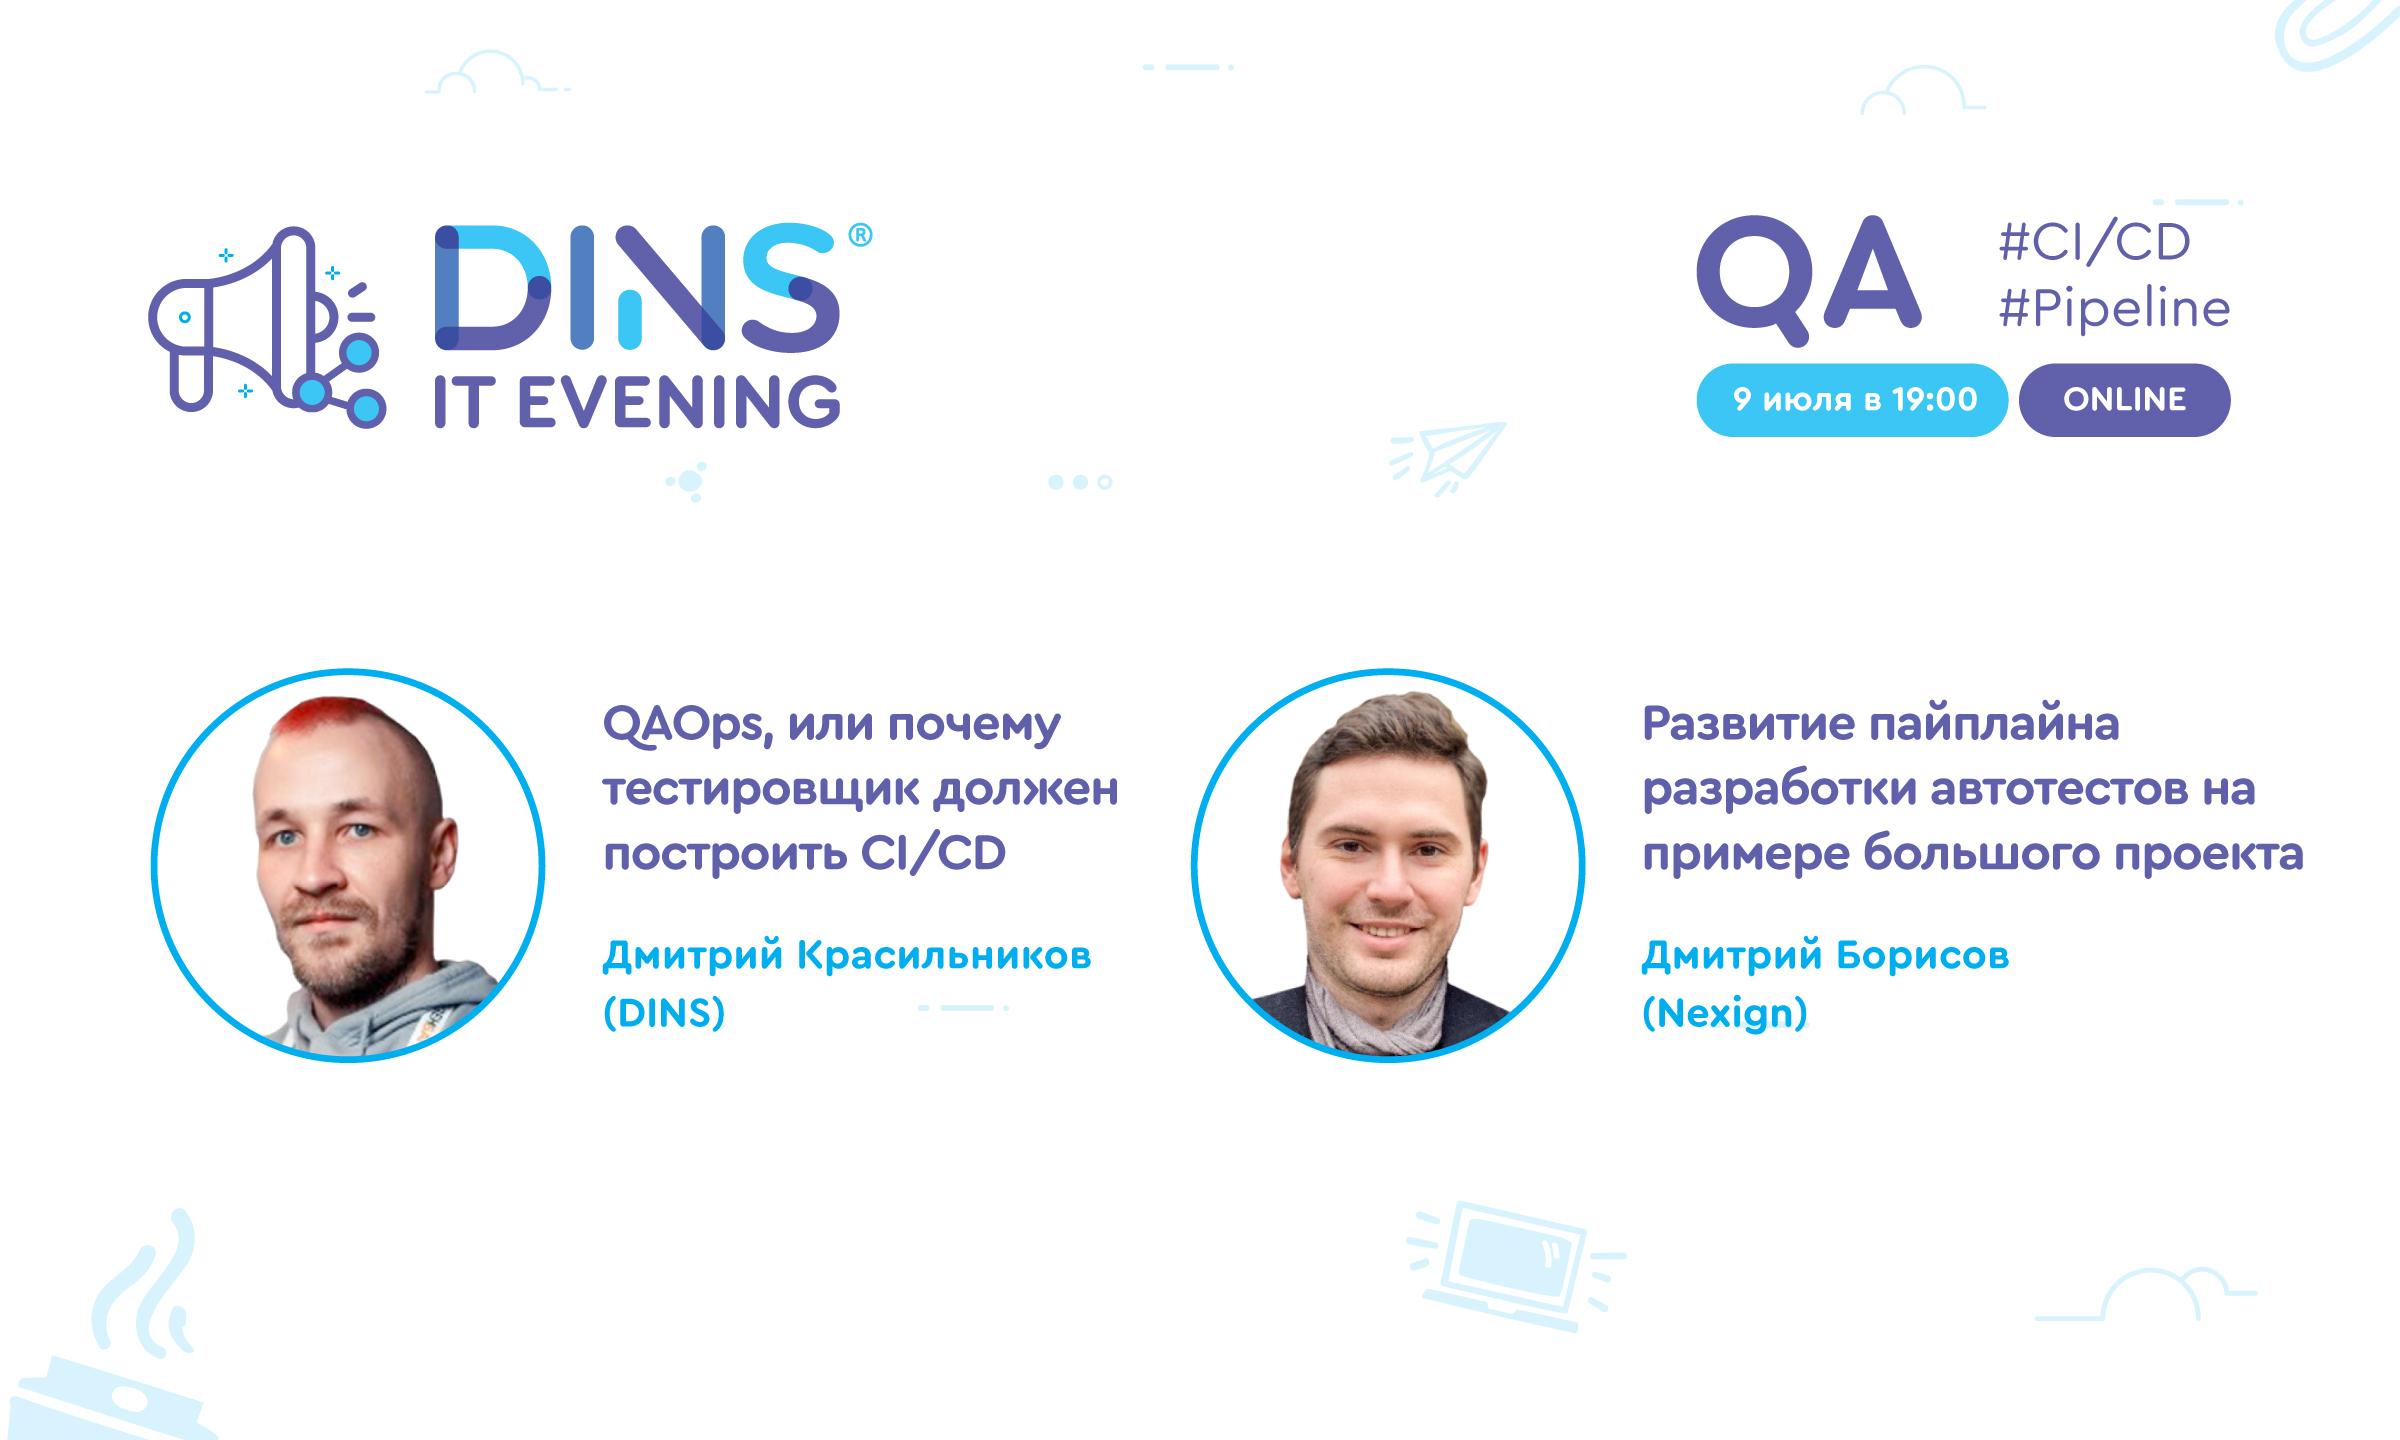 DINS QA EVENING (online) почему тестировщик должен построить CICD и как обеспечить качество на большом проекте